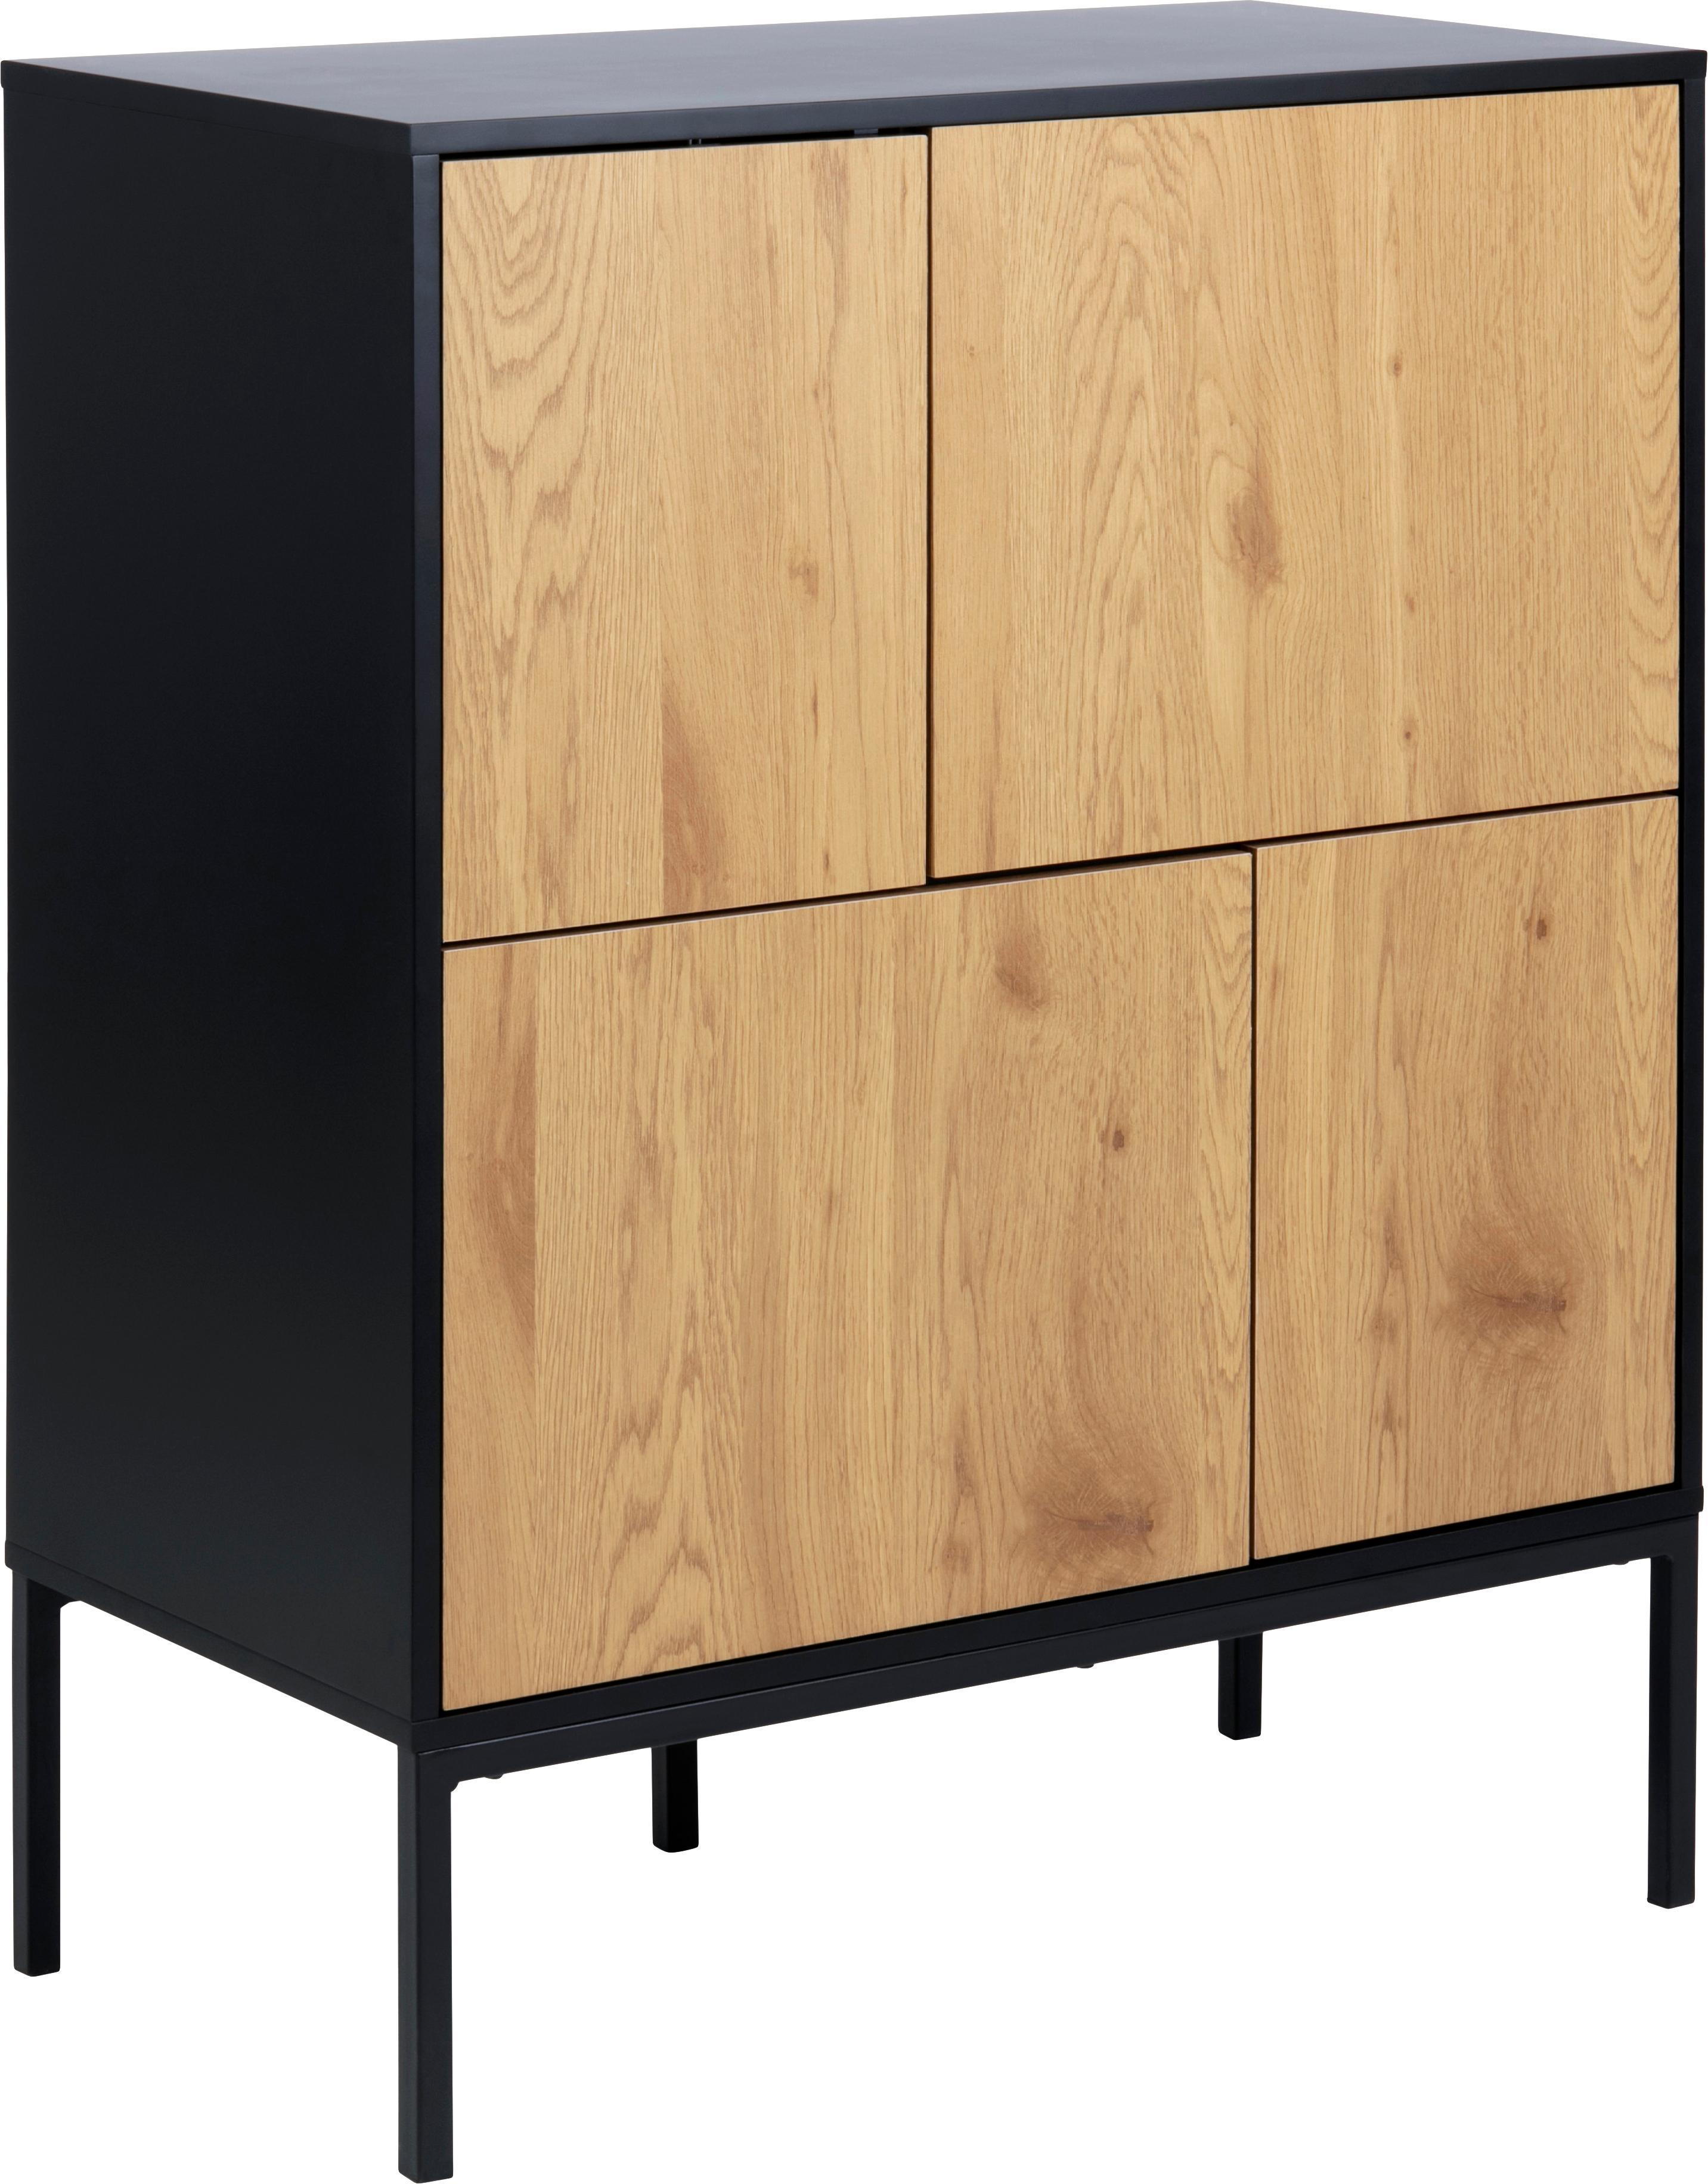 Ladekast Seaford in hout en metaal, Frame: gelakt MDF, Poten: gepoedercoat metaal, Zwart, wild eikenhoutkleurig, 80 x 103 cm